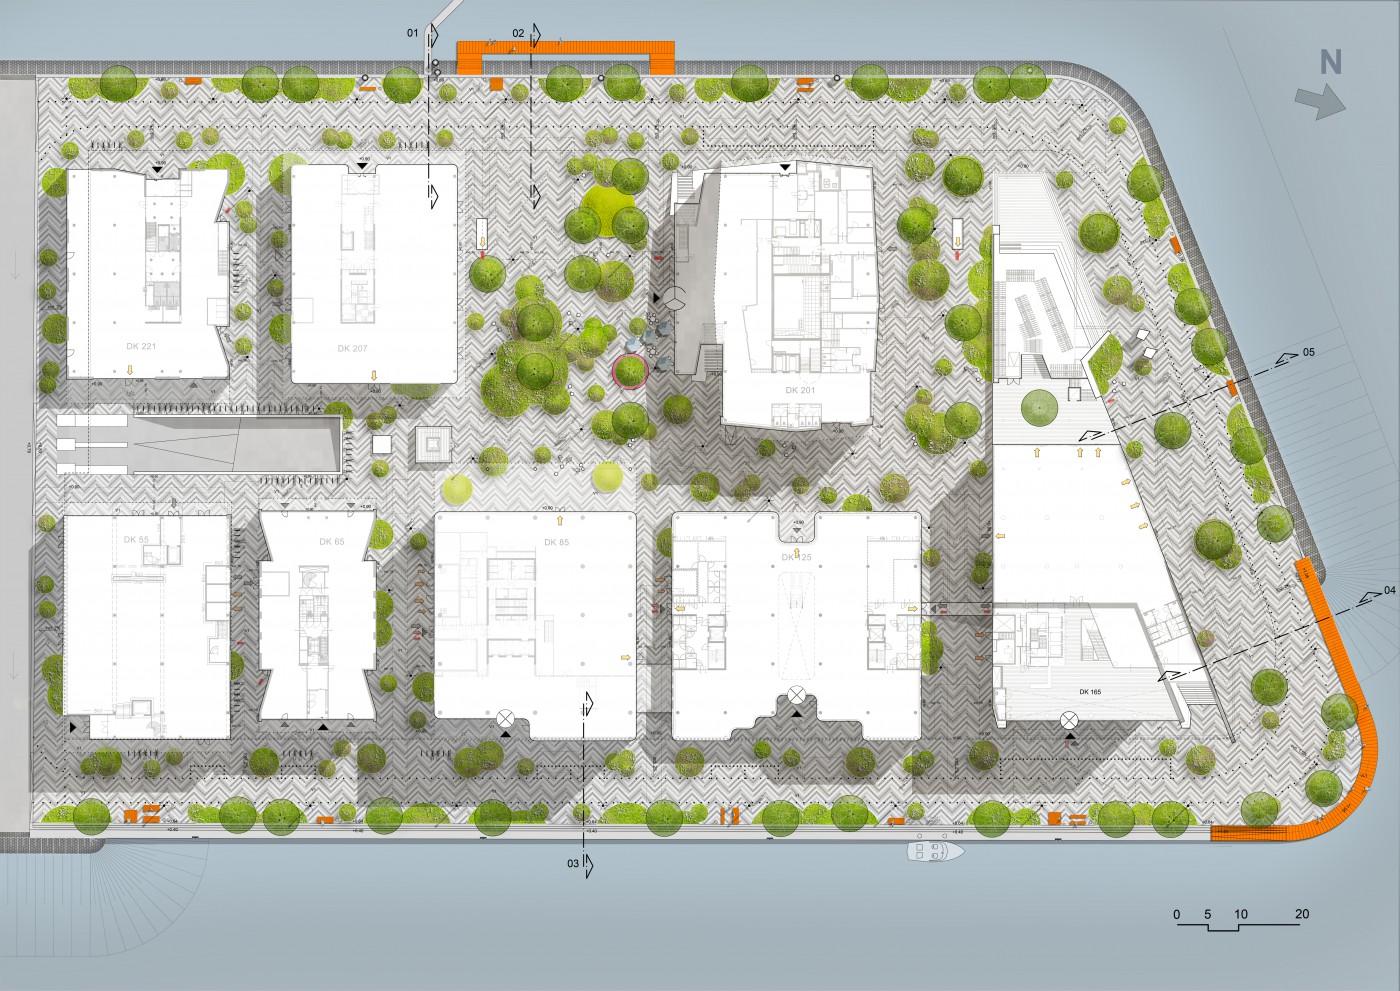 buro-sant-en-co-landschapsarchitectuur-danzigerkade-houthavens-amsterdam voorlopig ontwerp